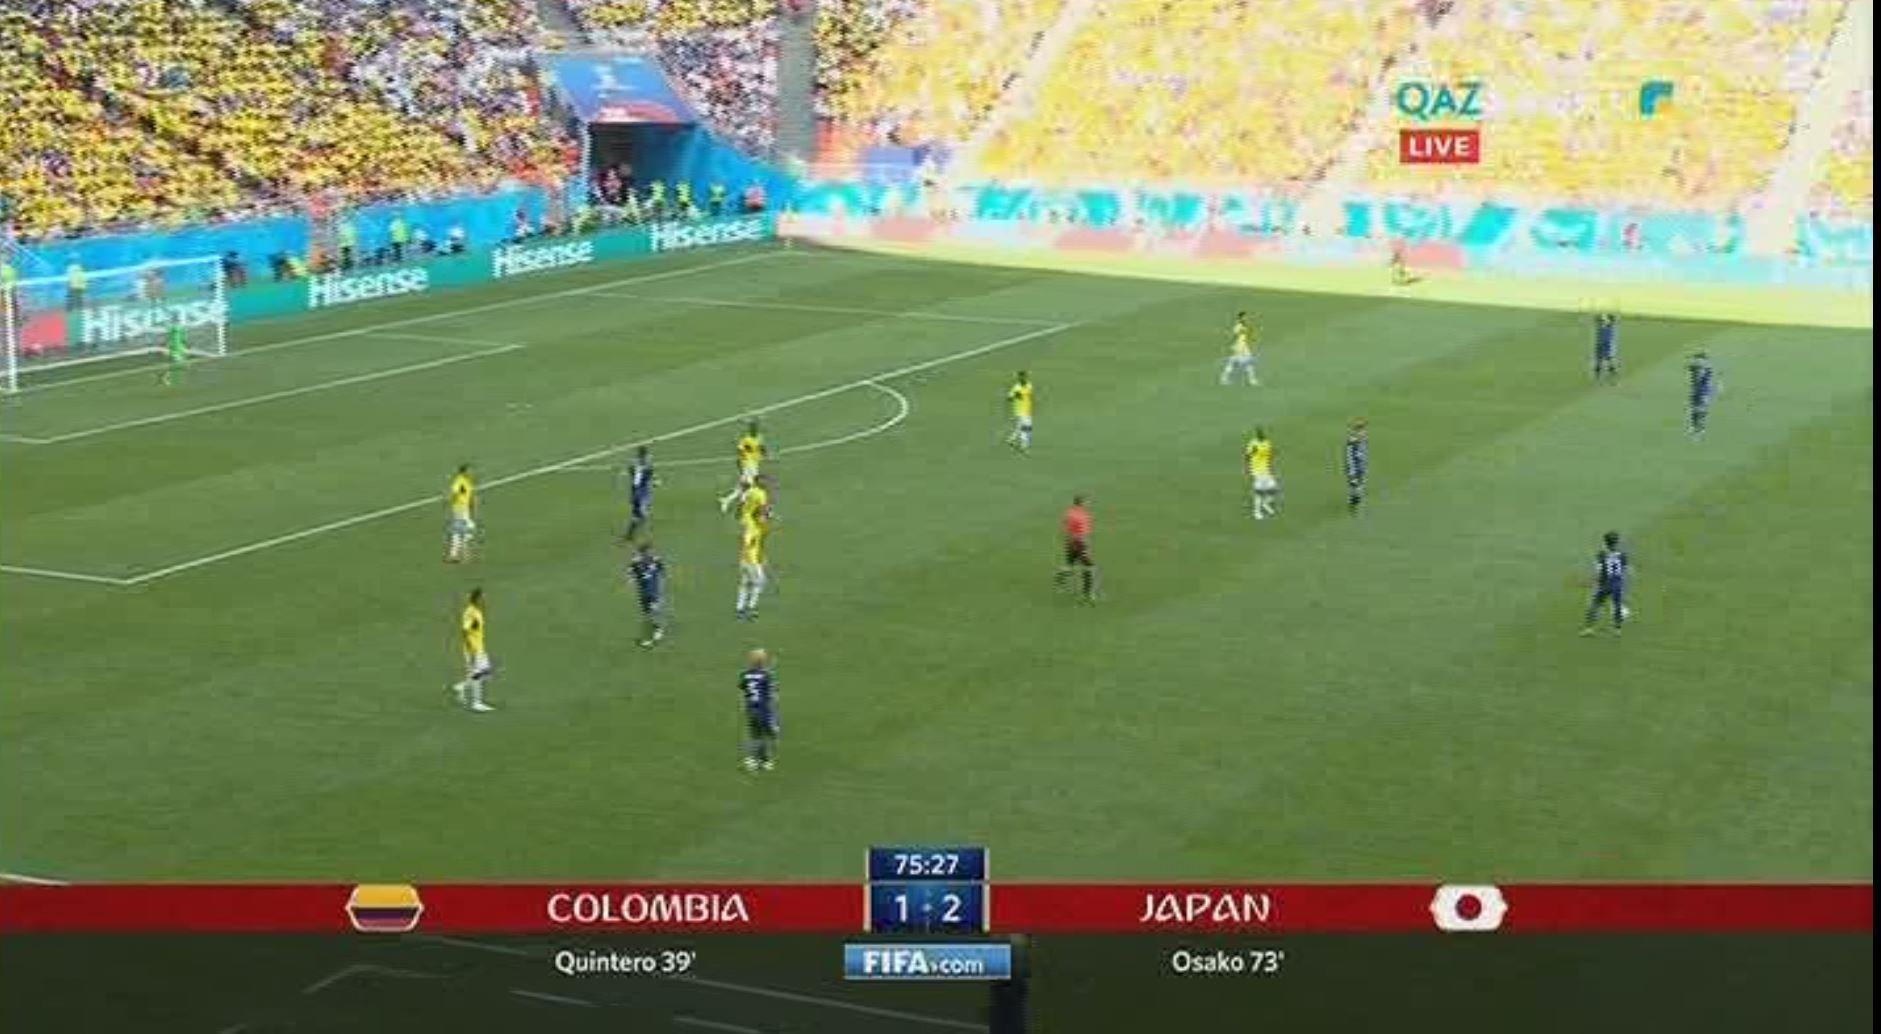 Сборная Японии обыграла Колумбию в матче ЧМ-2018